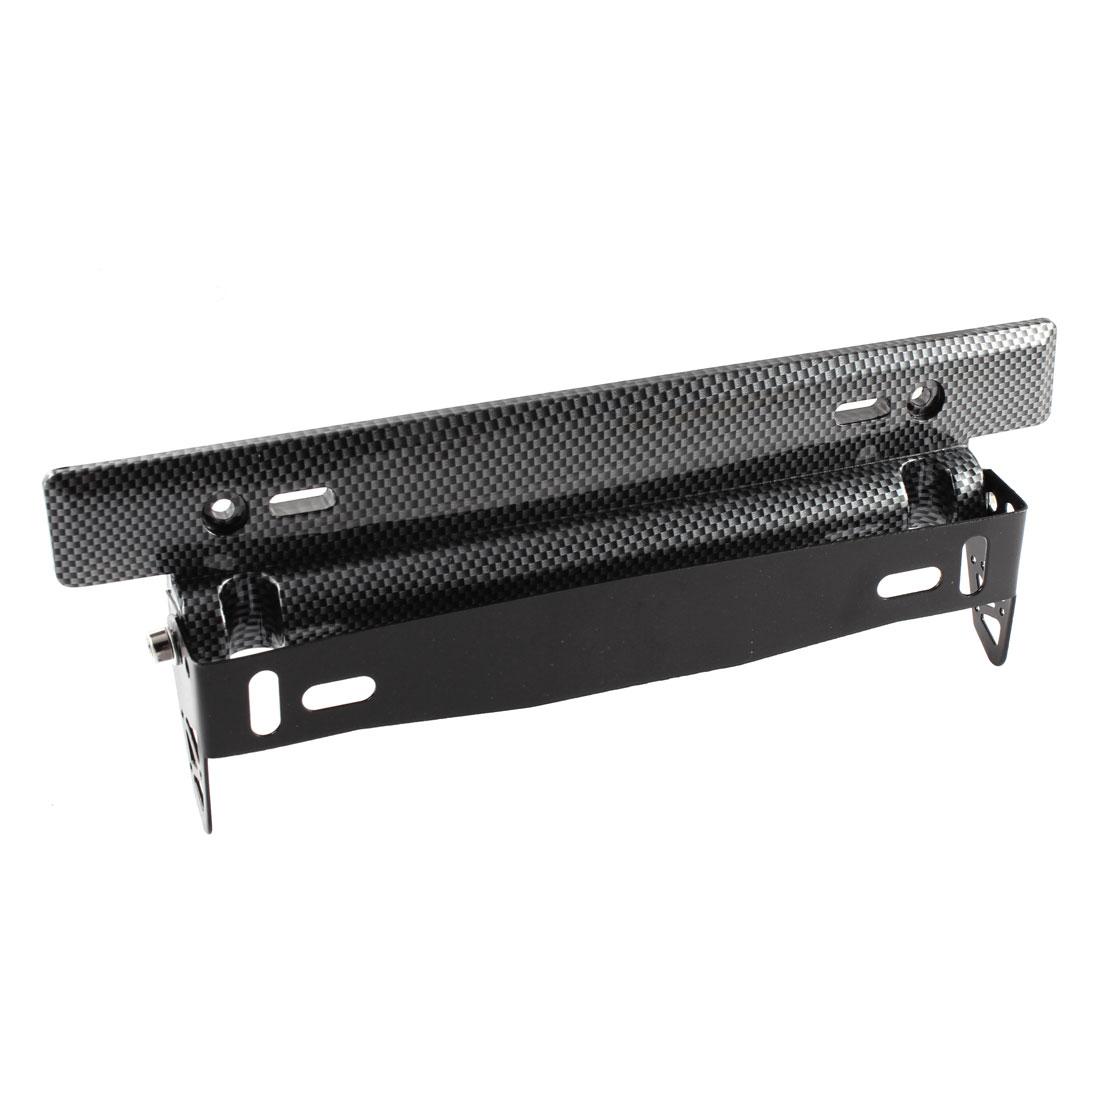 Black Carbon Fiber Printed License Plate Support Bracket Holder for Car Van